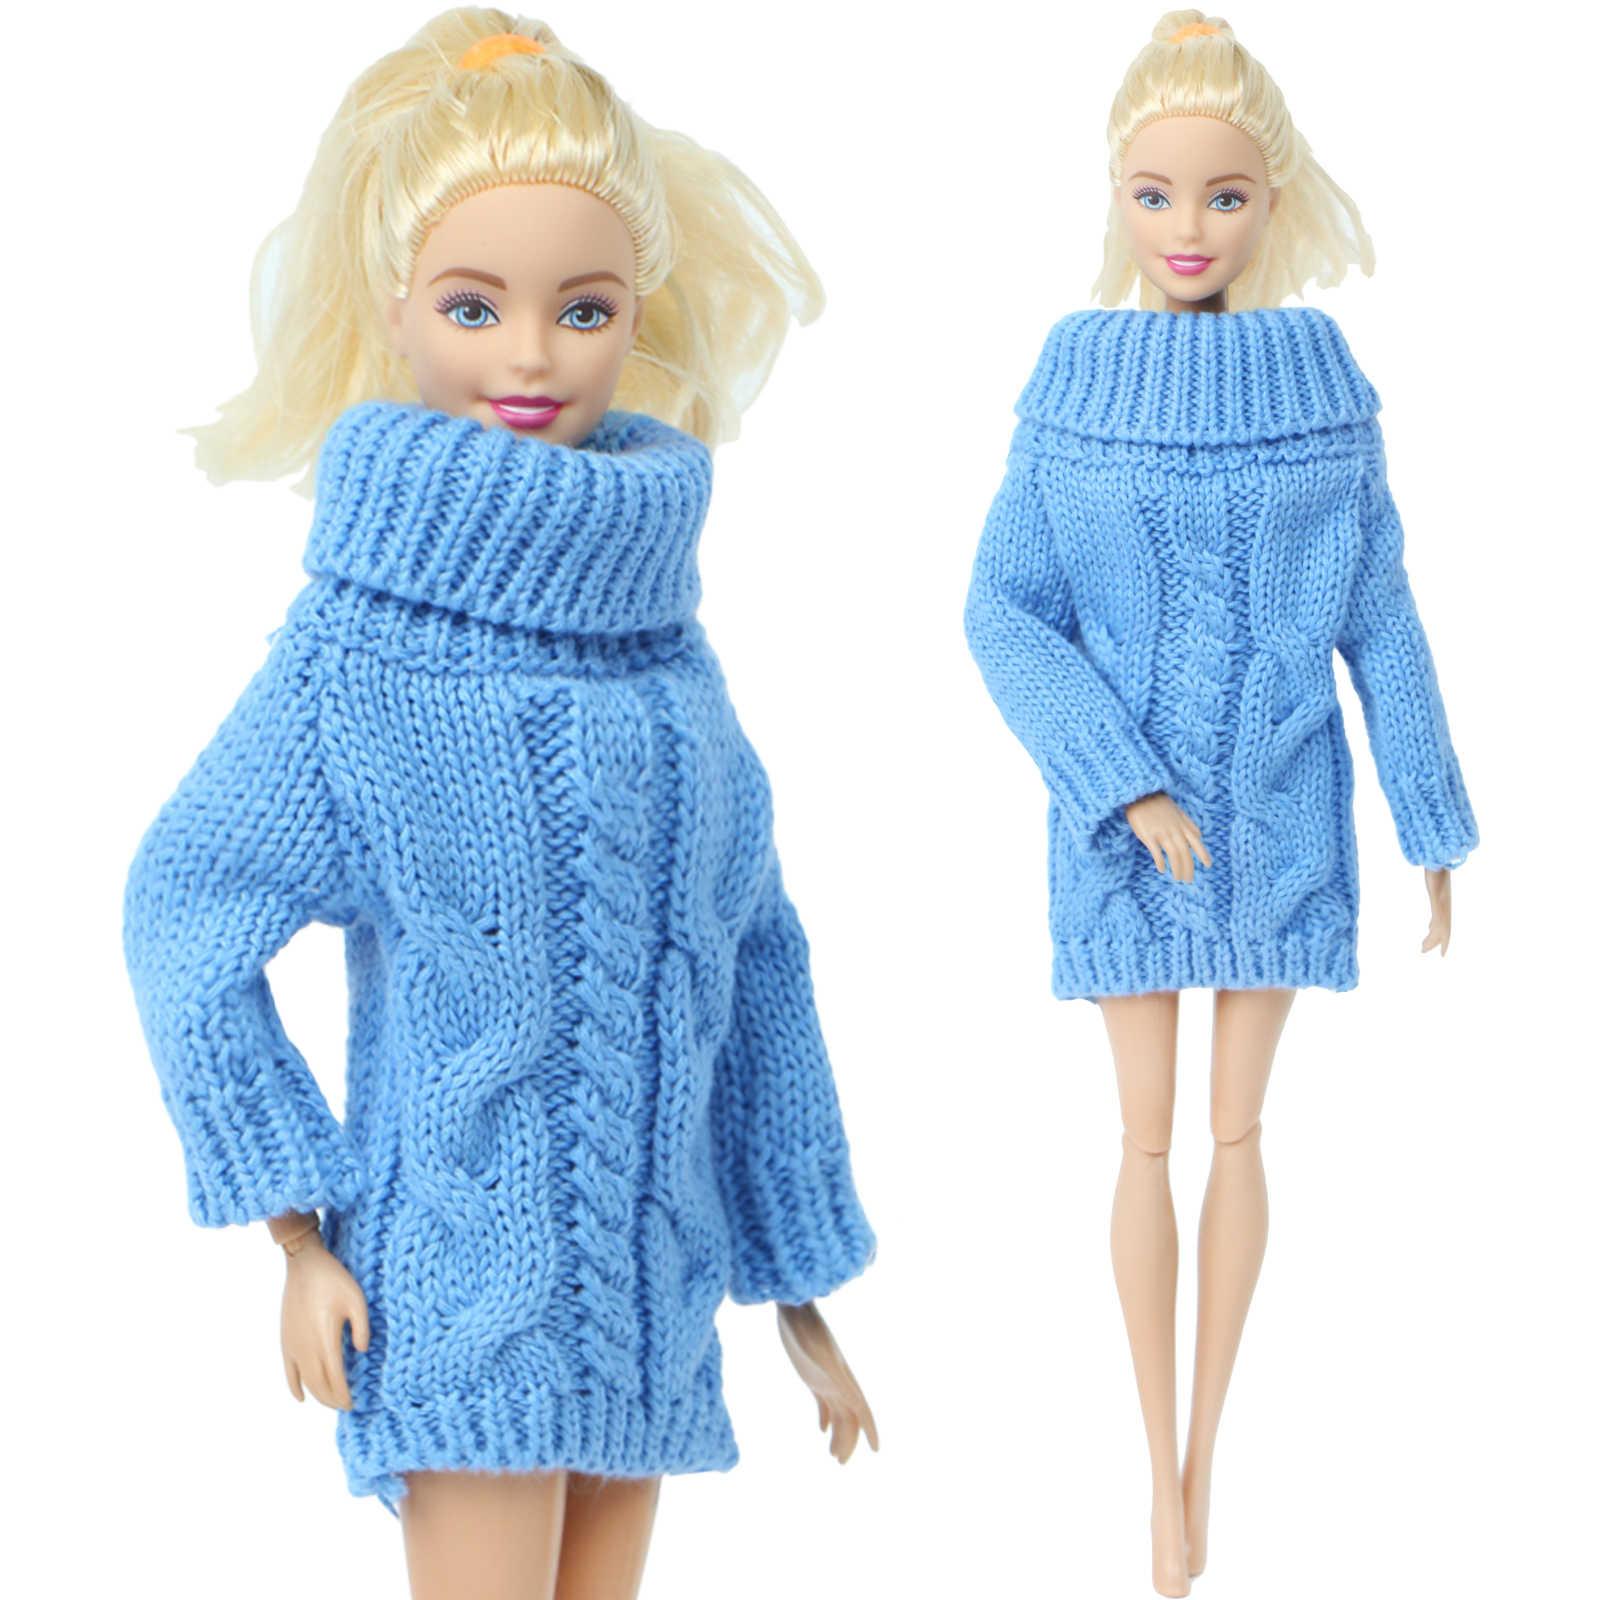 1 قطعة اليدوية أنيقة سيدة الأزرق سترة فستان الشتاء لباس اليومي غير رسمي الزي تنورة الملابس ل دمية باربي لعبة اكسسوارات